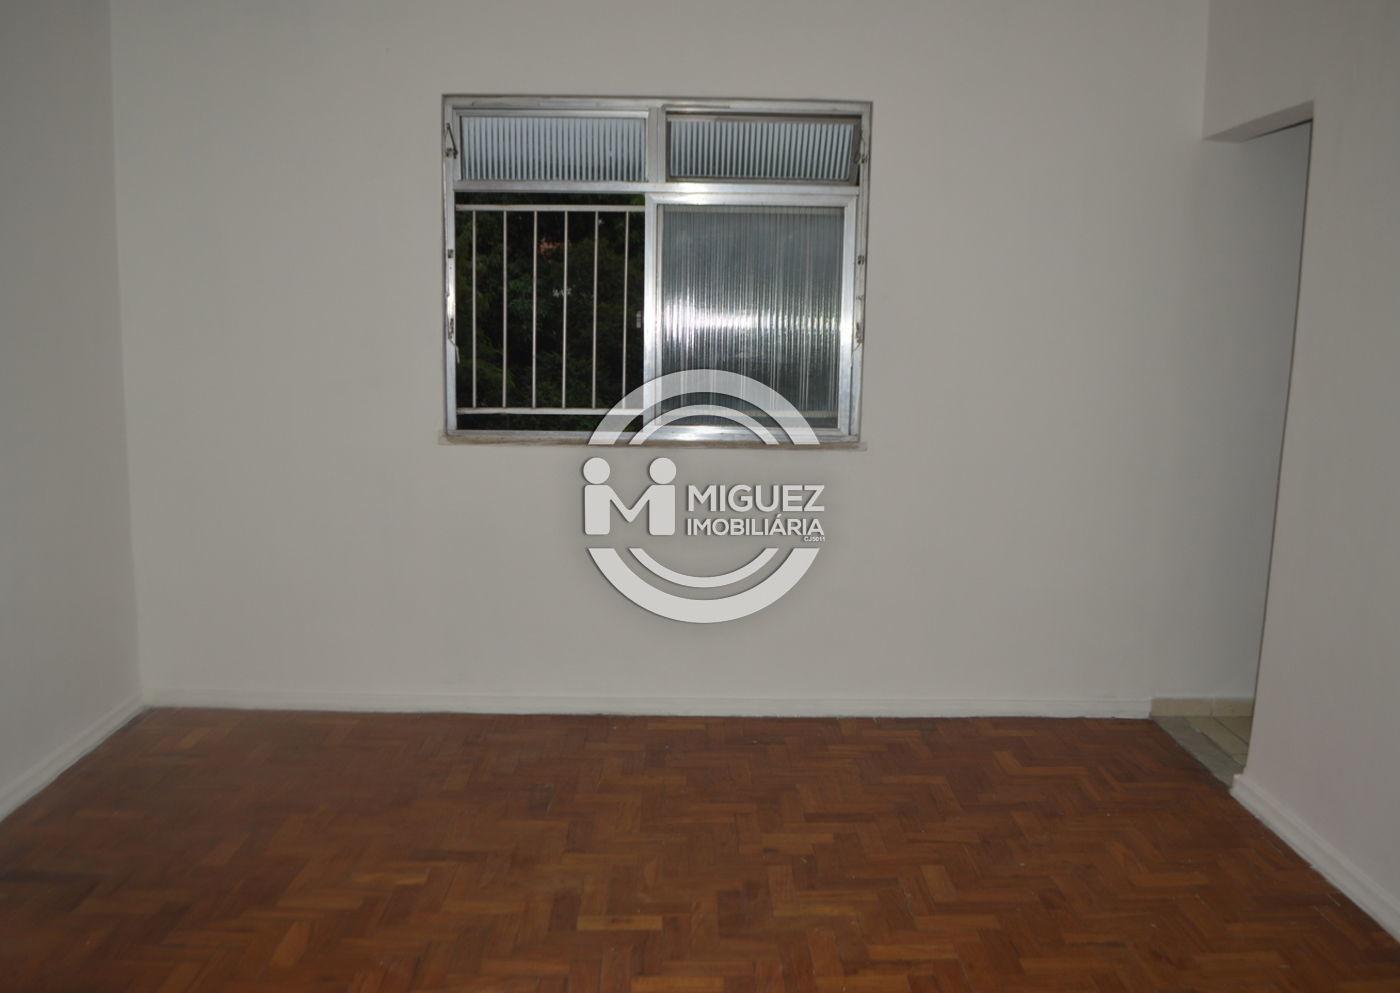 Apartamento, aluguel, Rua Araújo Leitão - Engenho Novo , Rio de janeiro